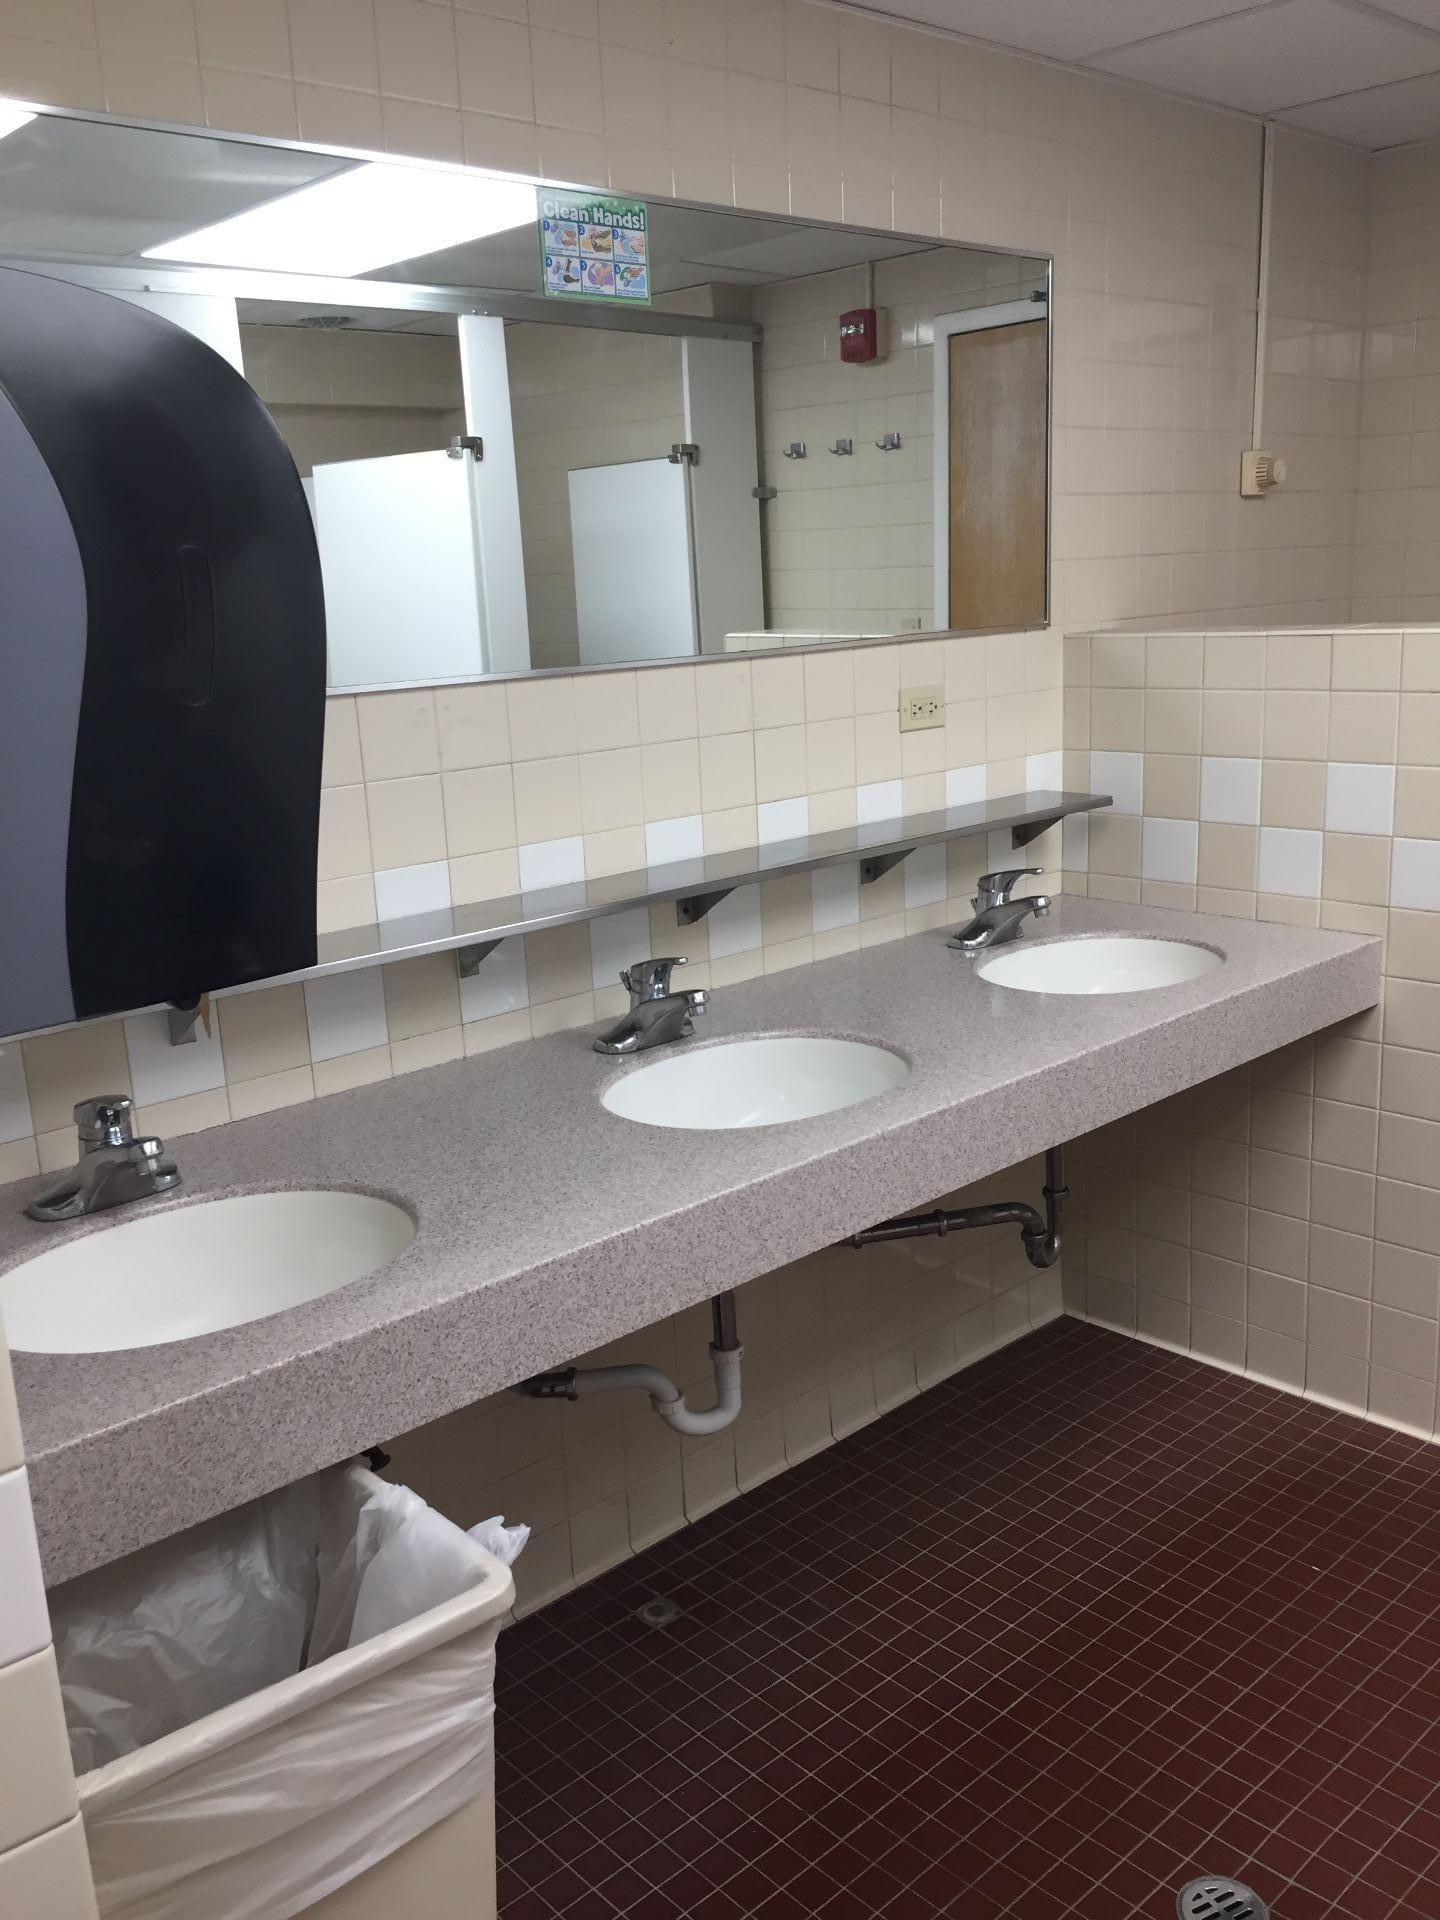 Pre-Renovation Currier Bathroom